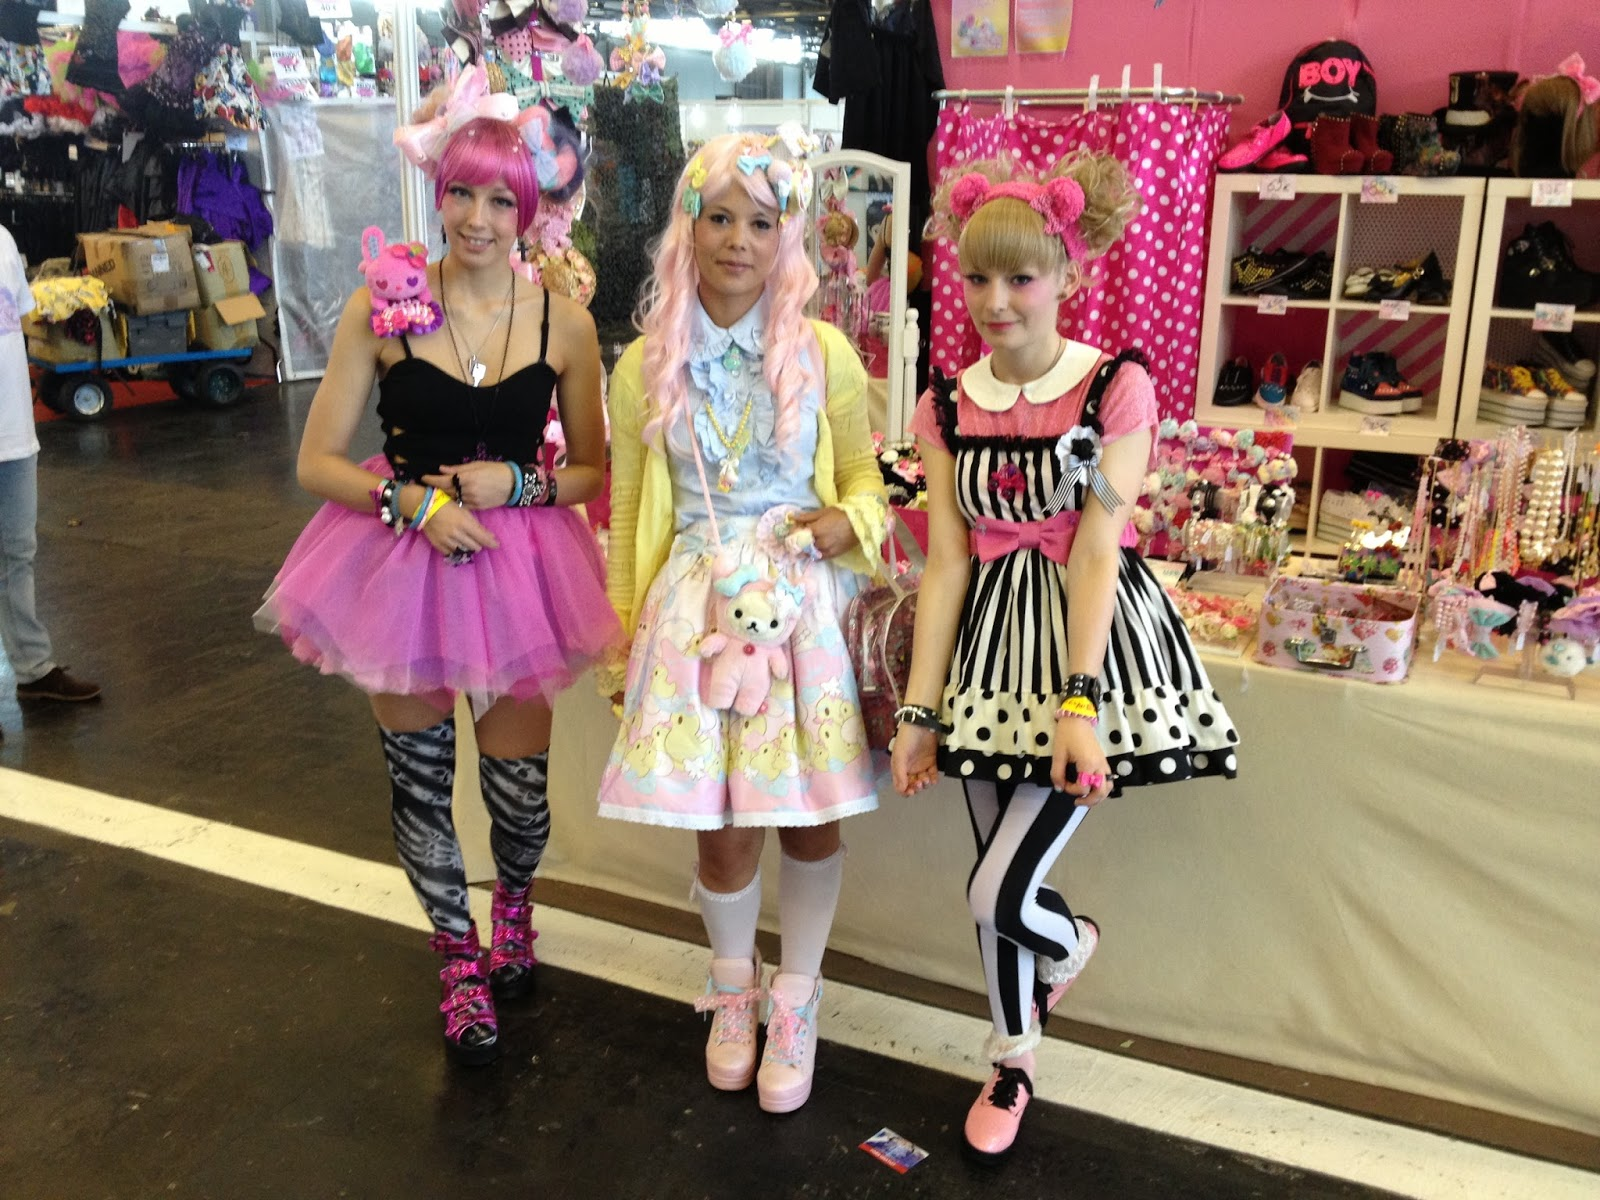 Bunny kawai: japan expo paris review